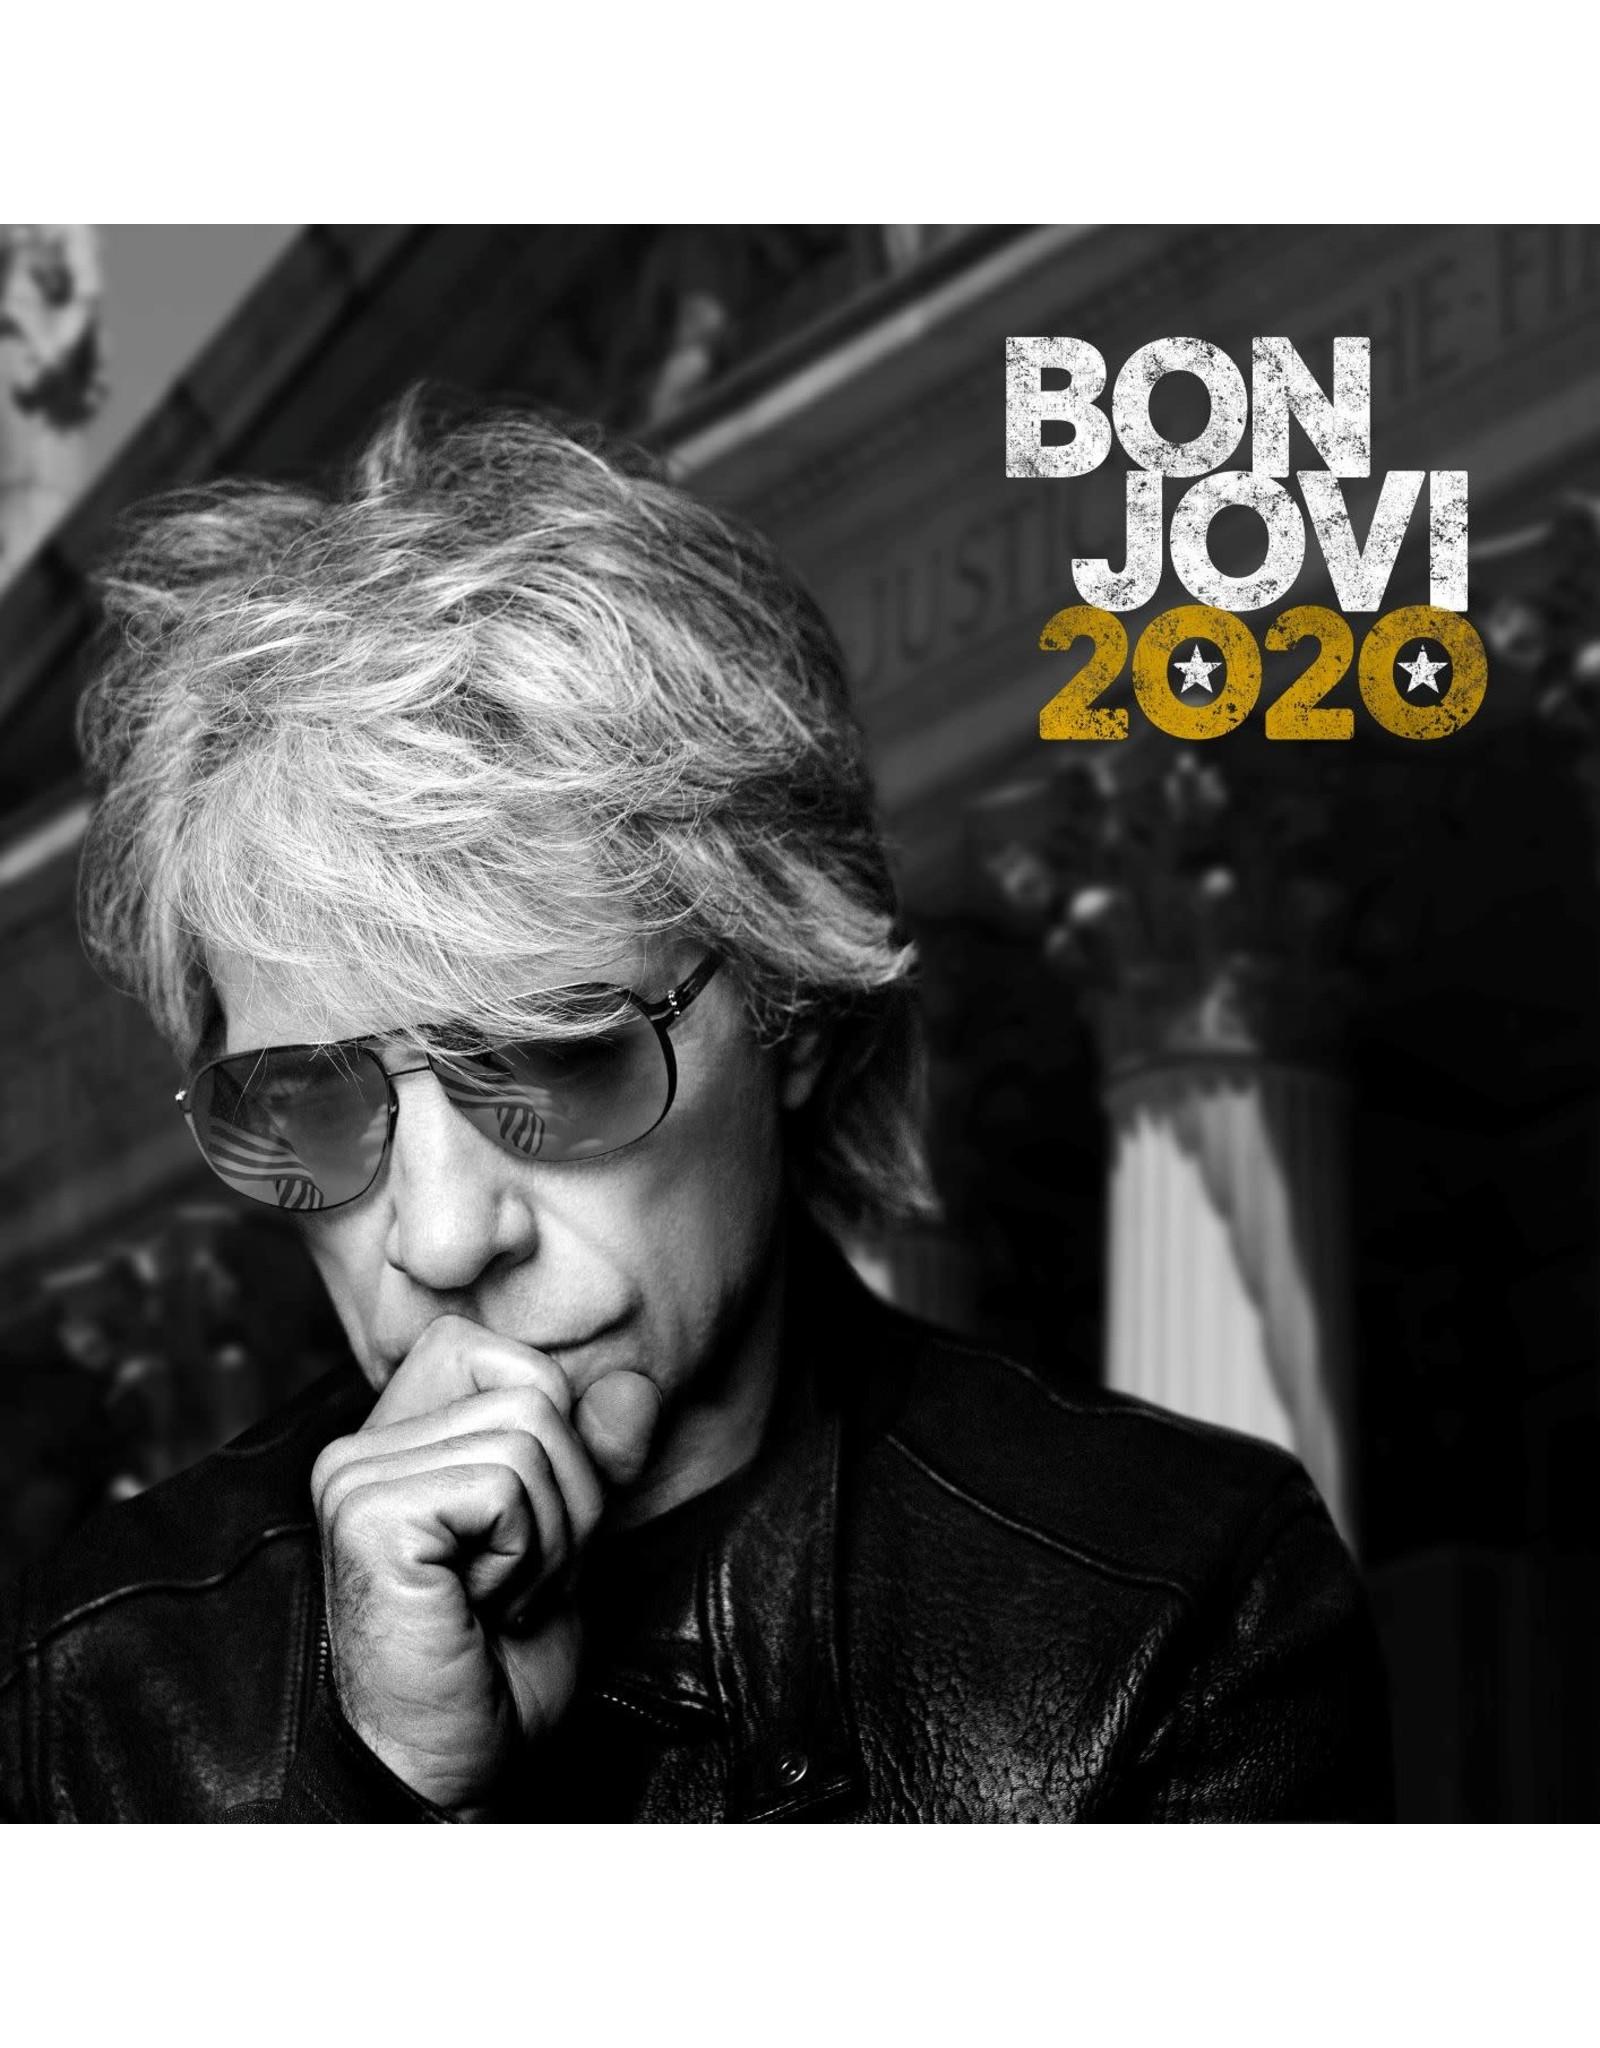 Bon Jovi - 2020 (Gold Vinyl) 2 LP